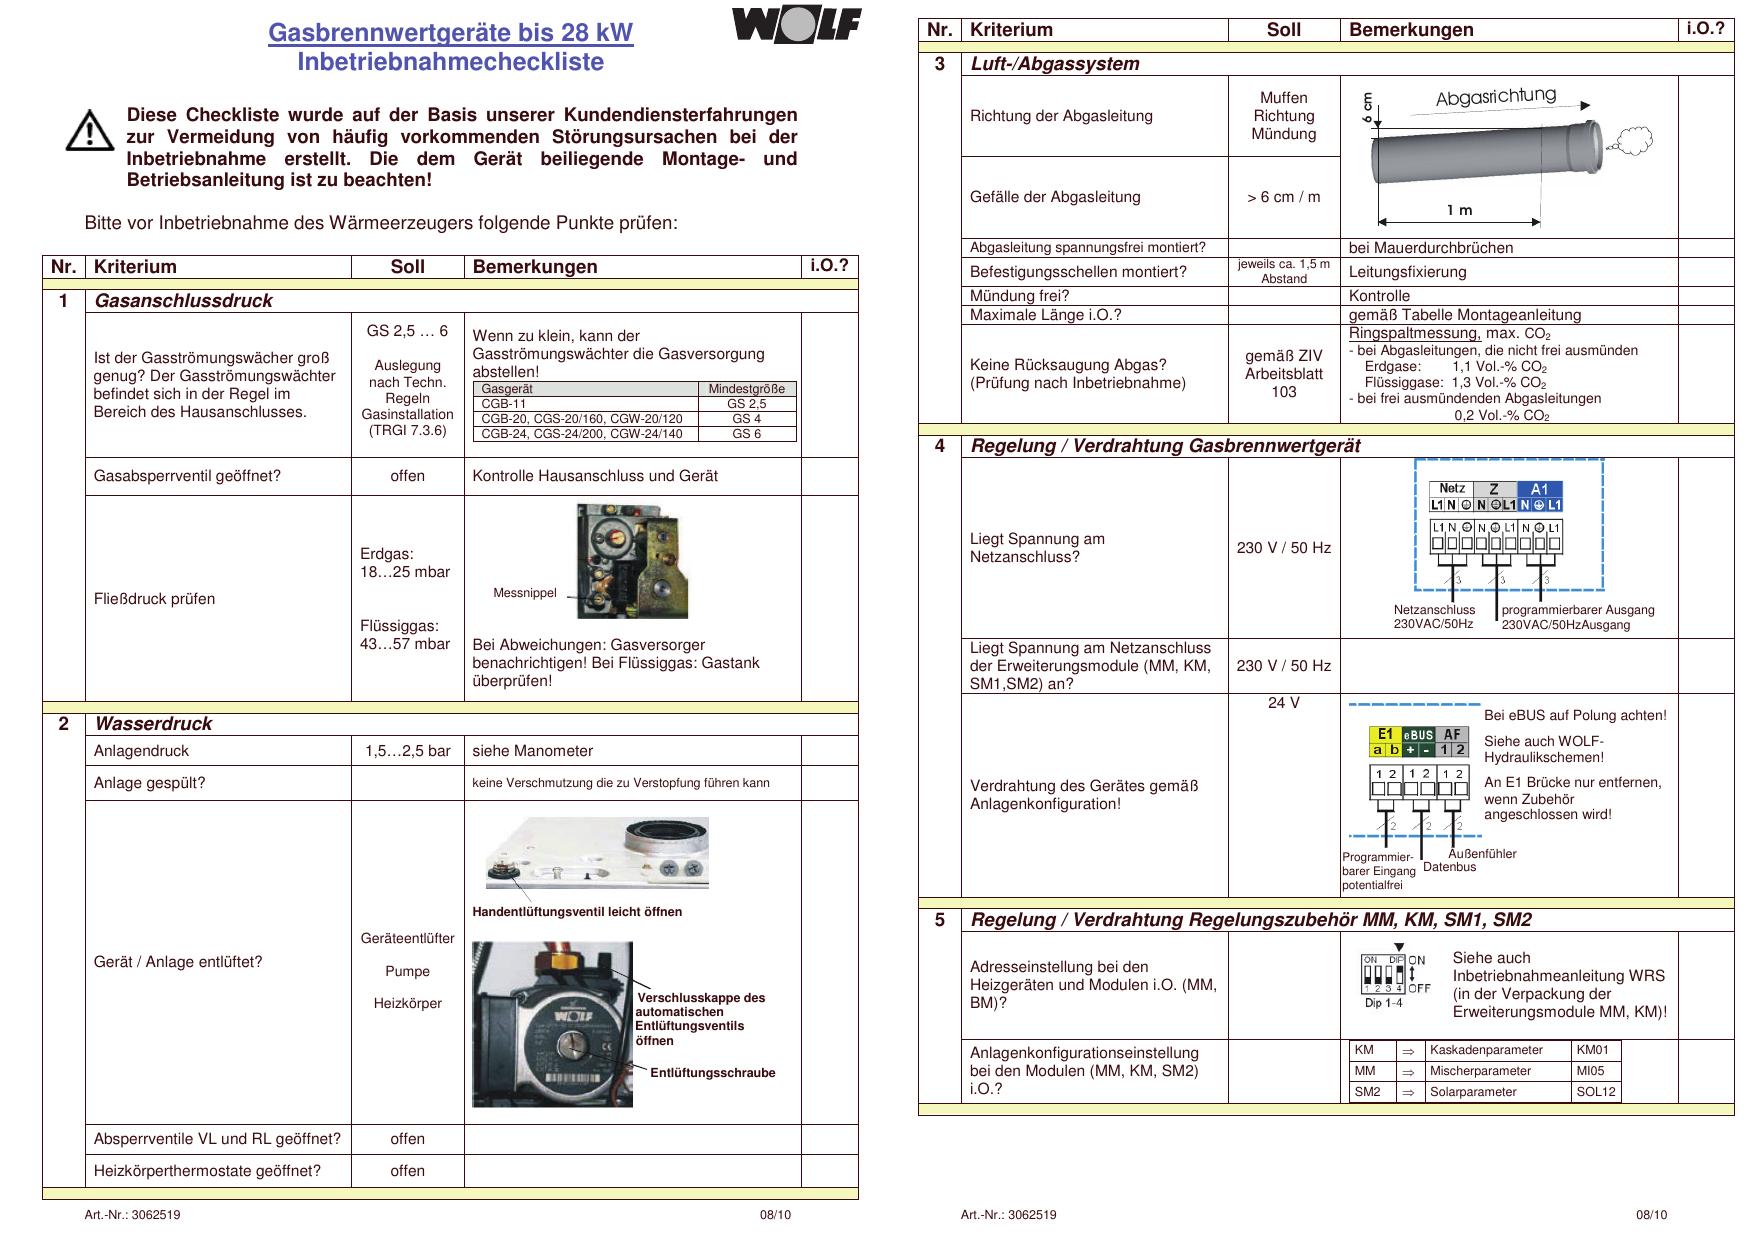 Gasbrennwertgeräte bis 28 kW Inbetriebnahmecheckliste | manualzz.com